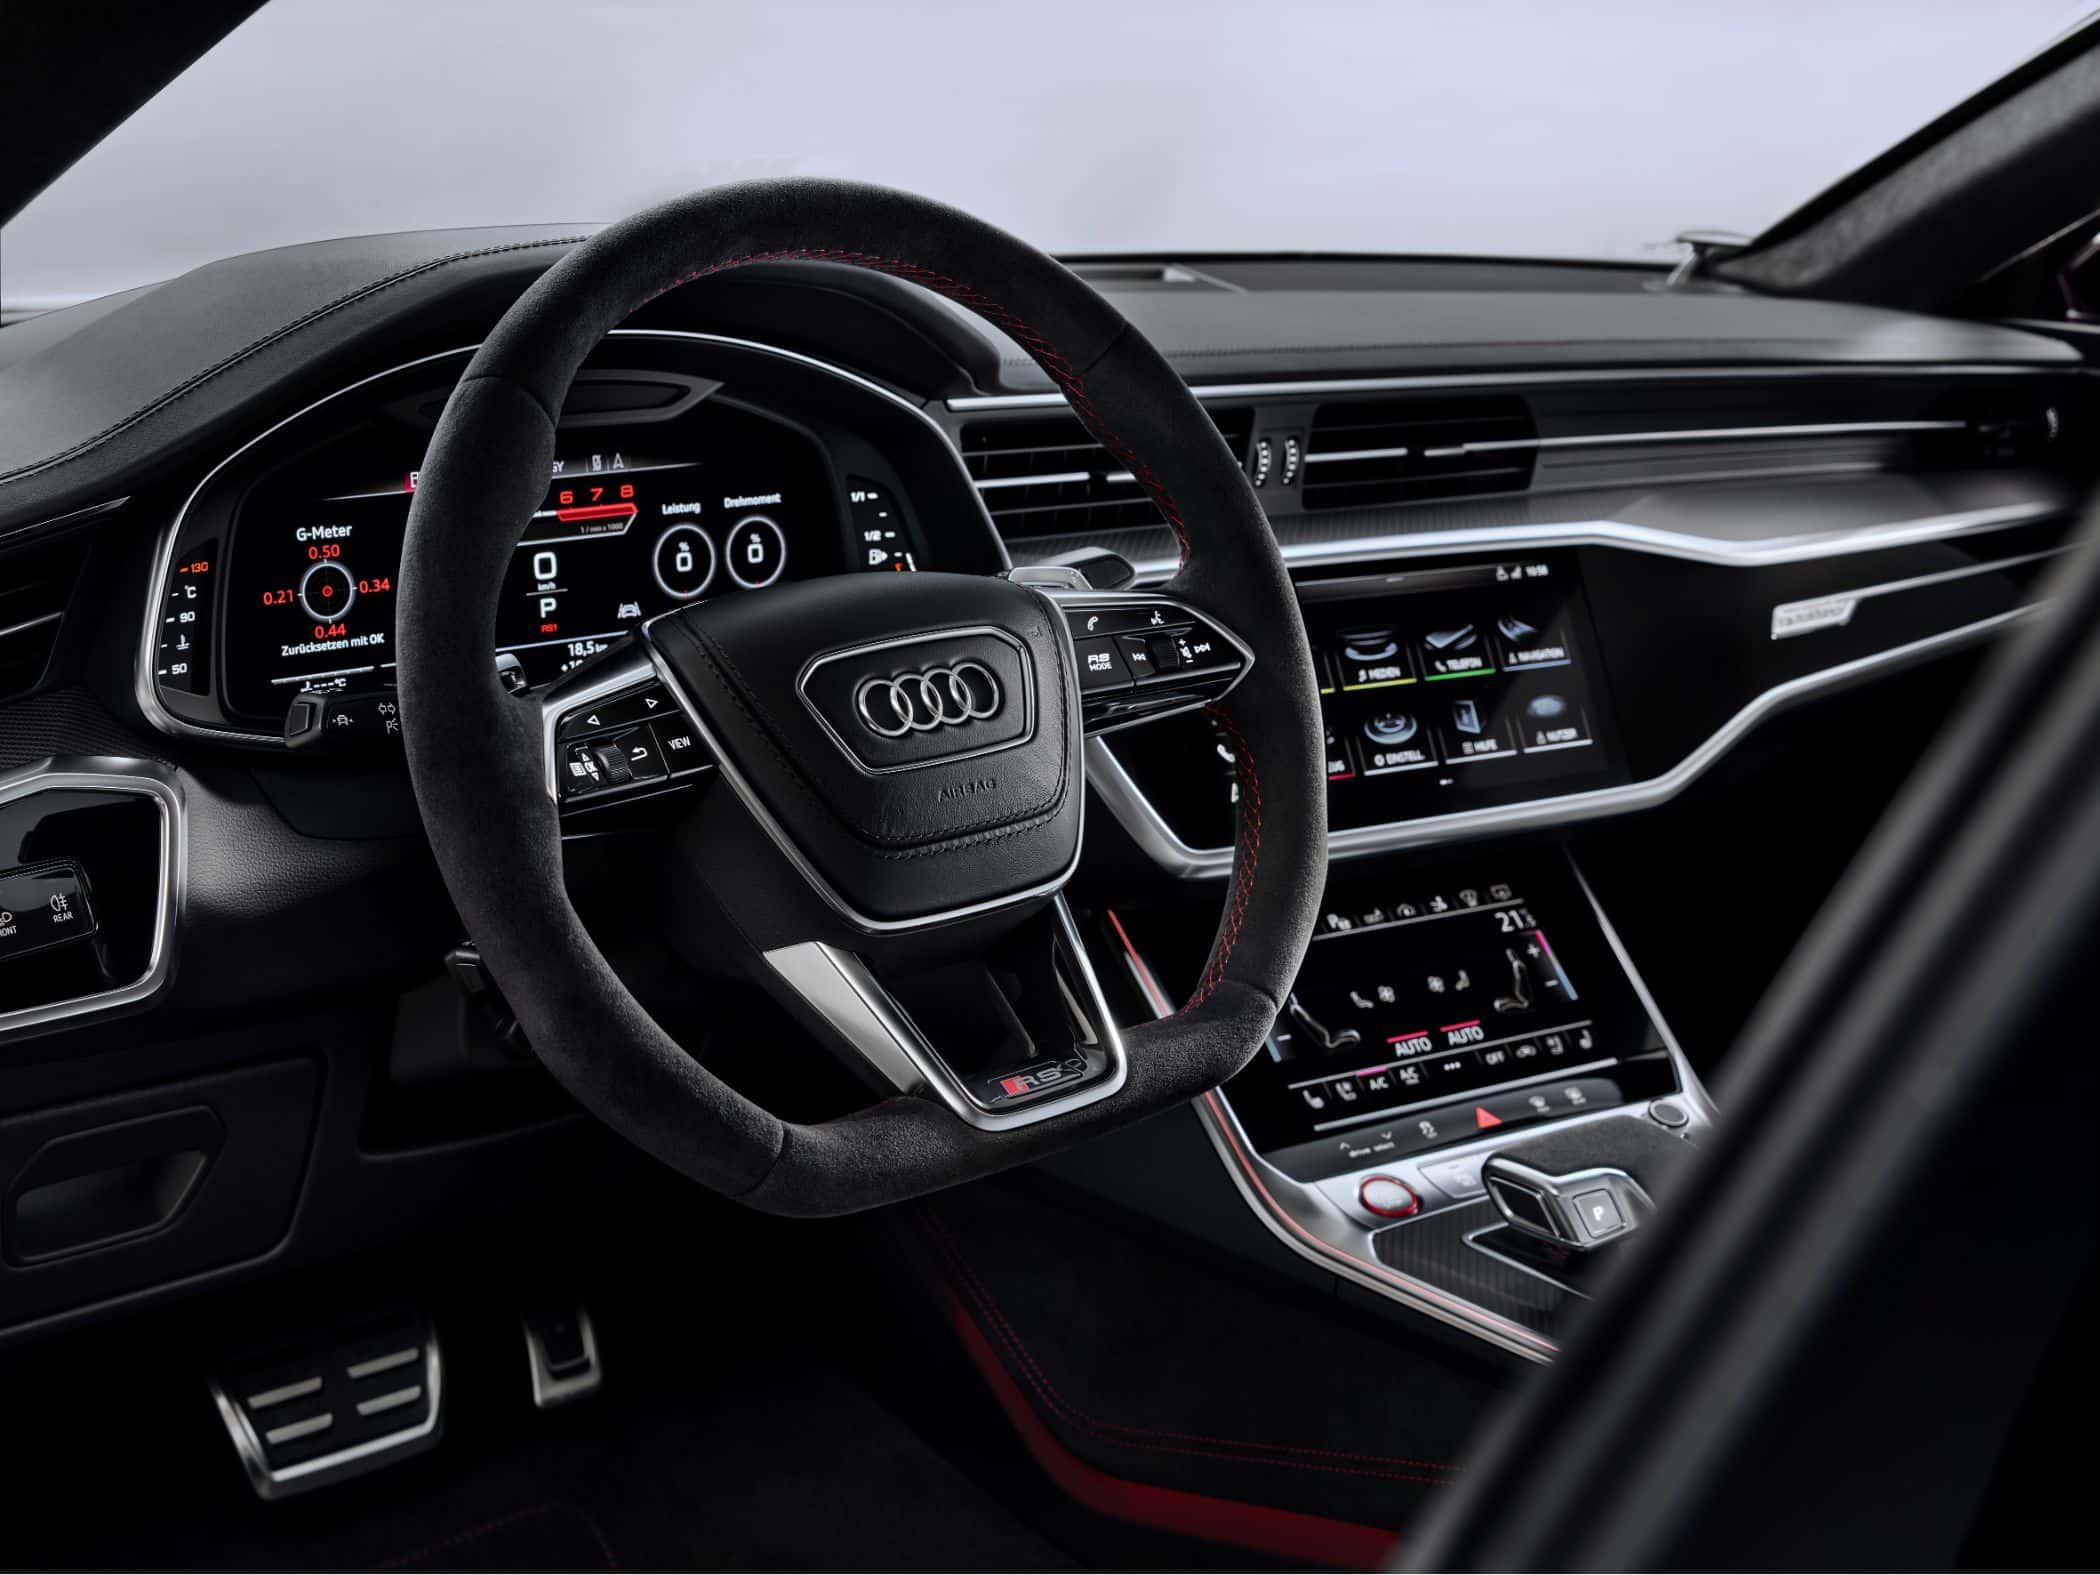 Der neue Audi RS 7 Sportback - Vorstellung des Power-Kombis im Video